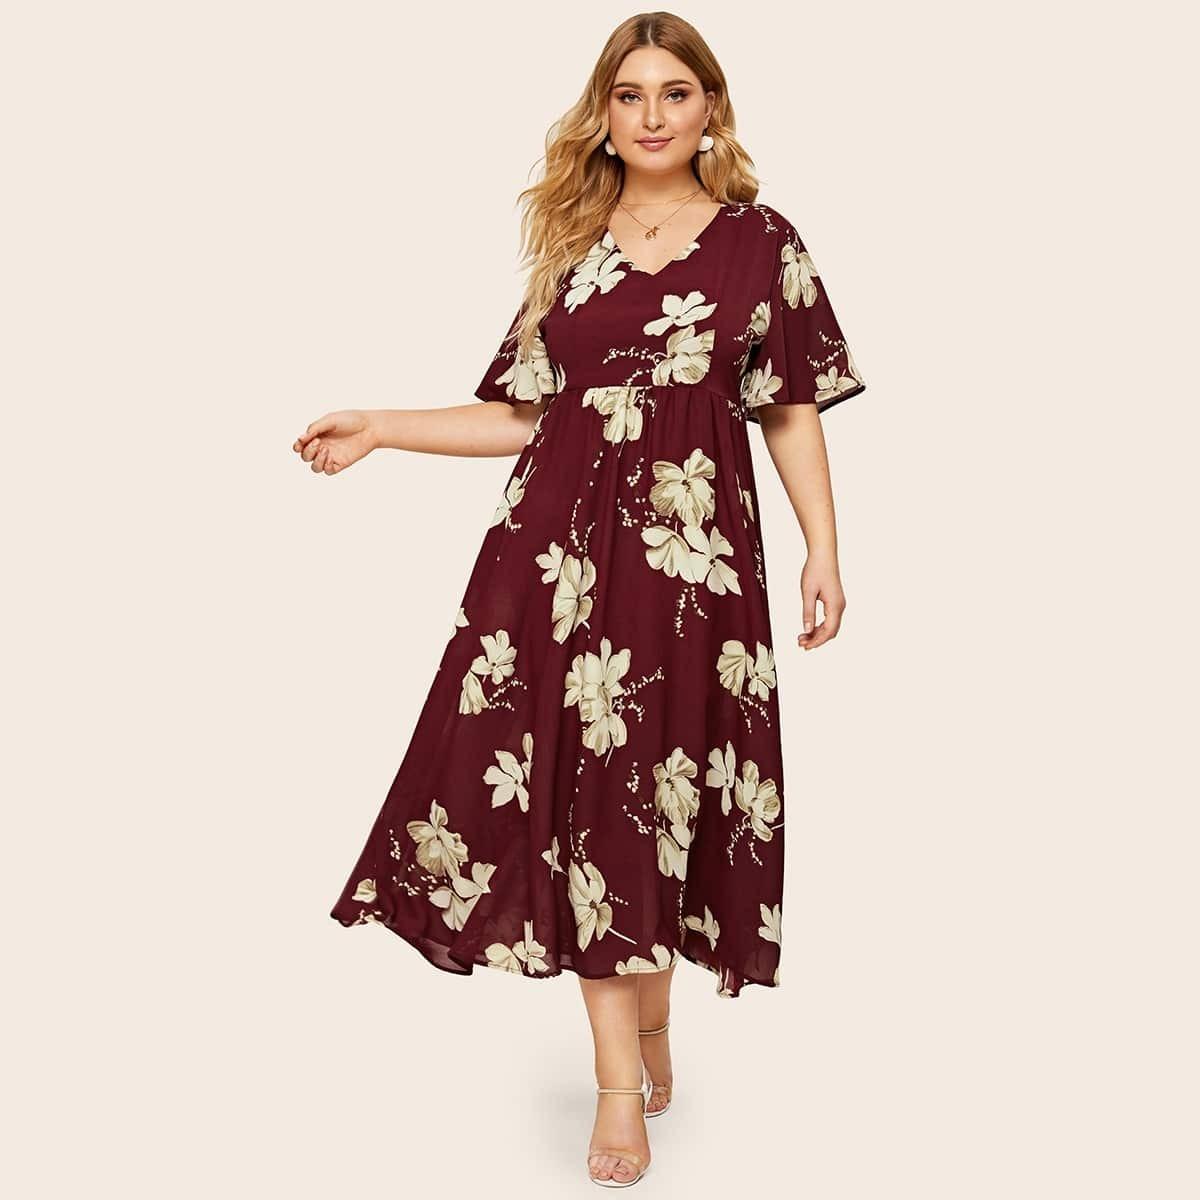 Übergroßes Kleid mit Blumen Muster